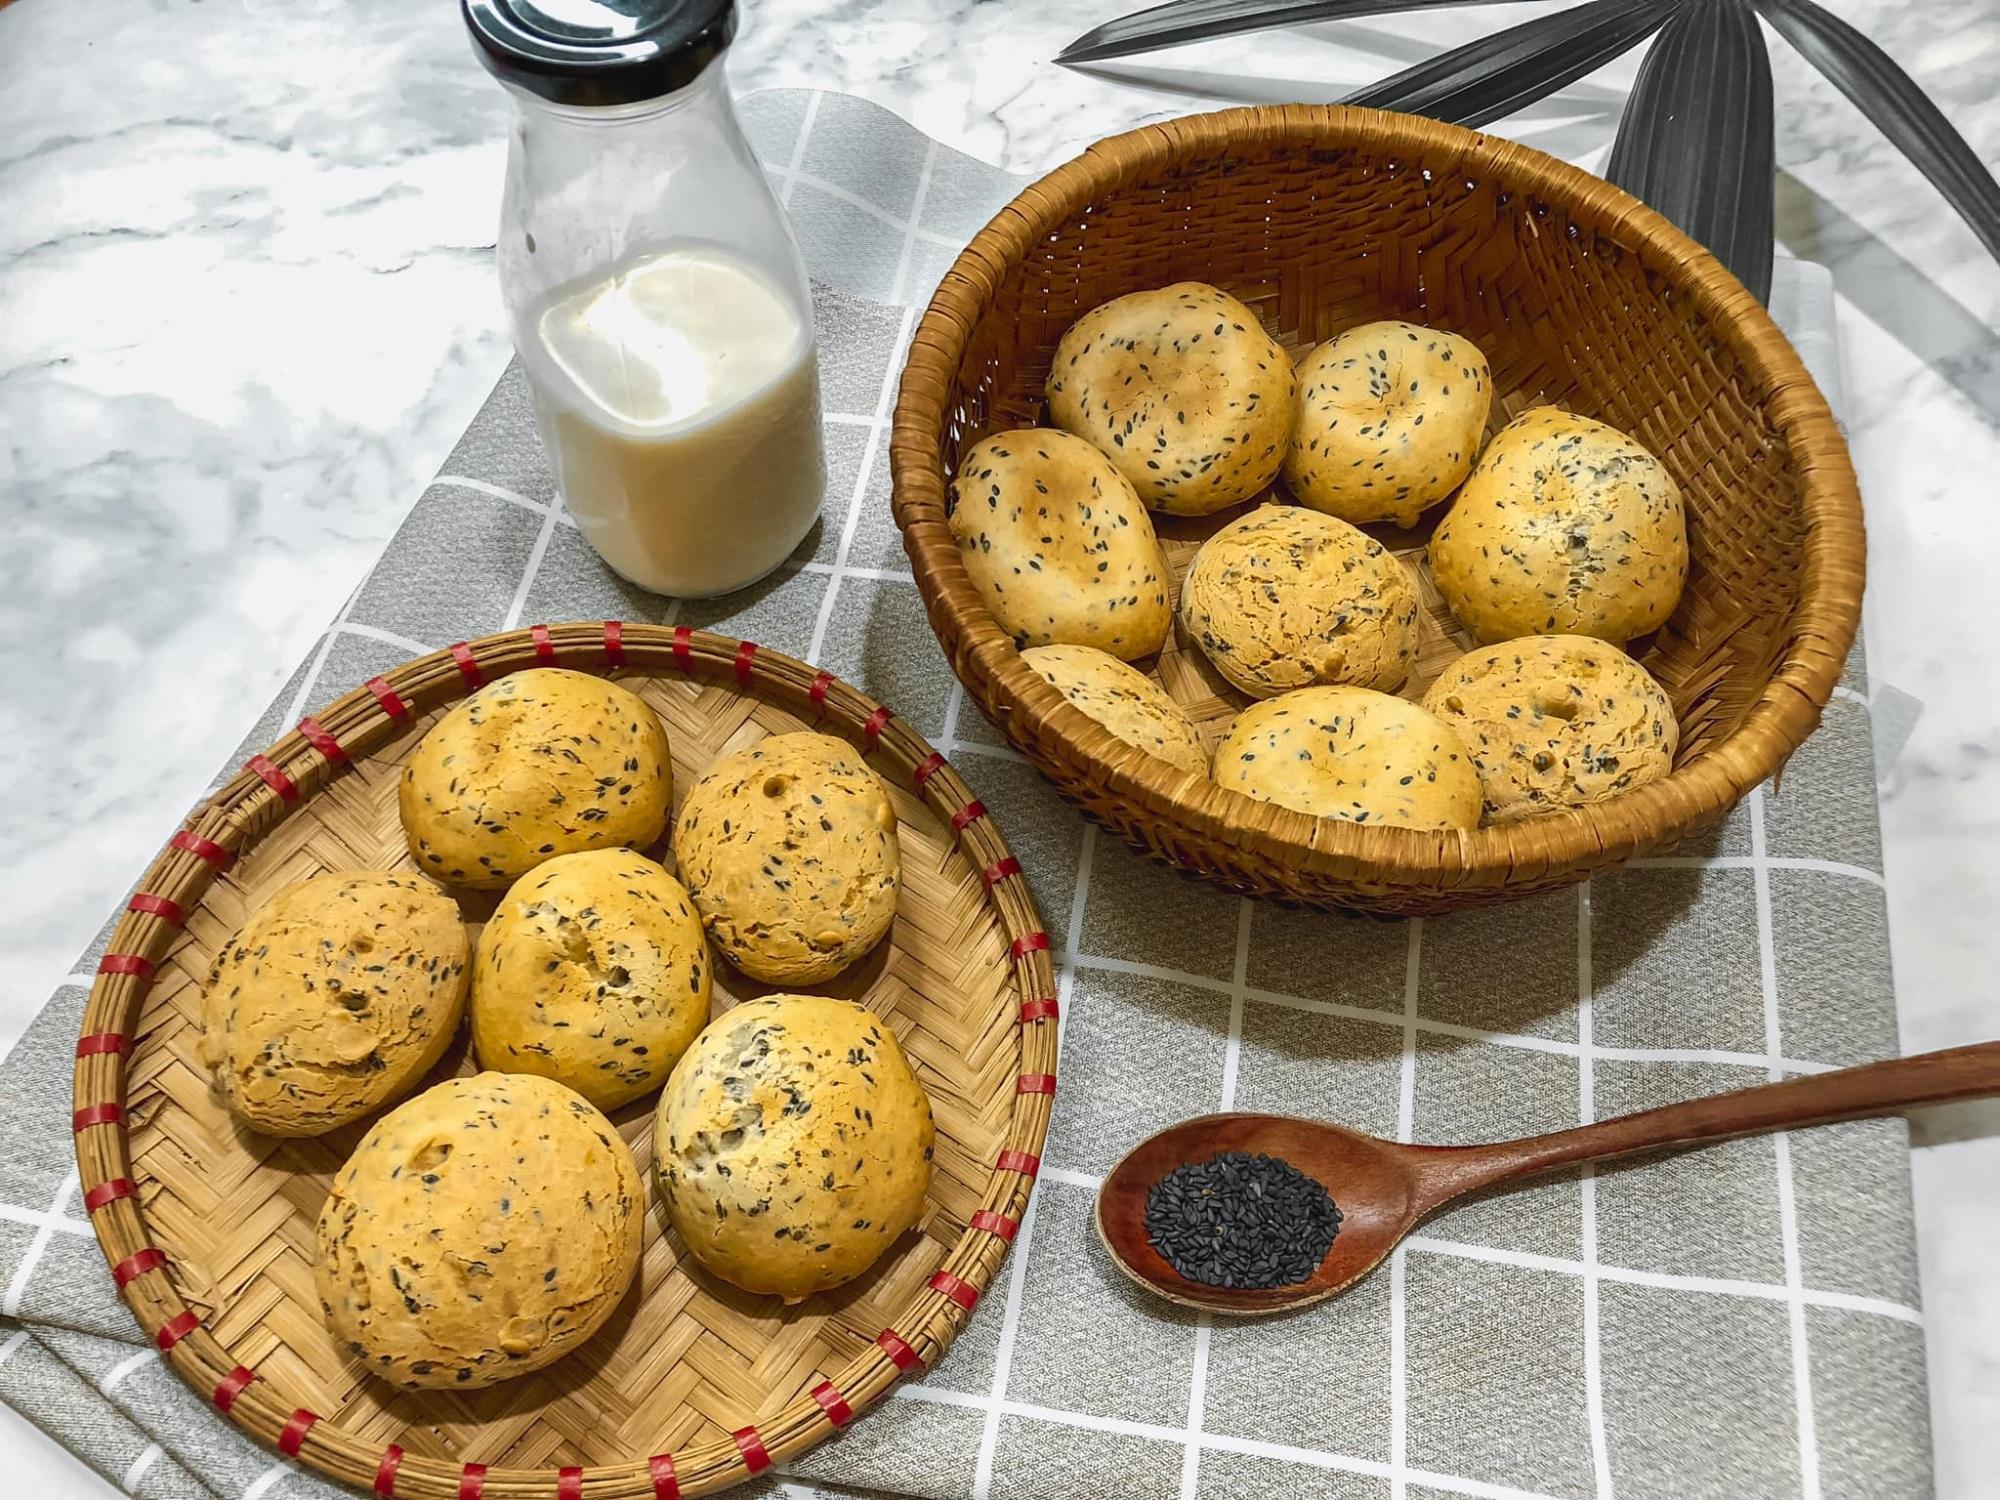 'Chị đẹp' chia sẻ bí quyết làm bánh mì mè đen Hàn Quốc bằng nồi chiên không dầu cực đơn giản - Ảnh 1